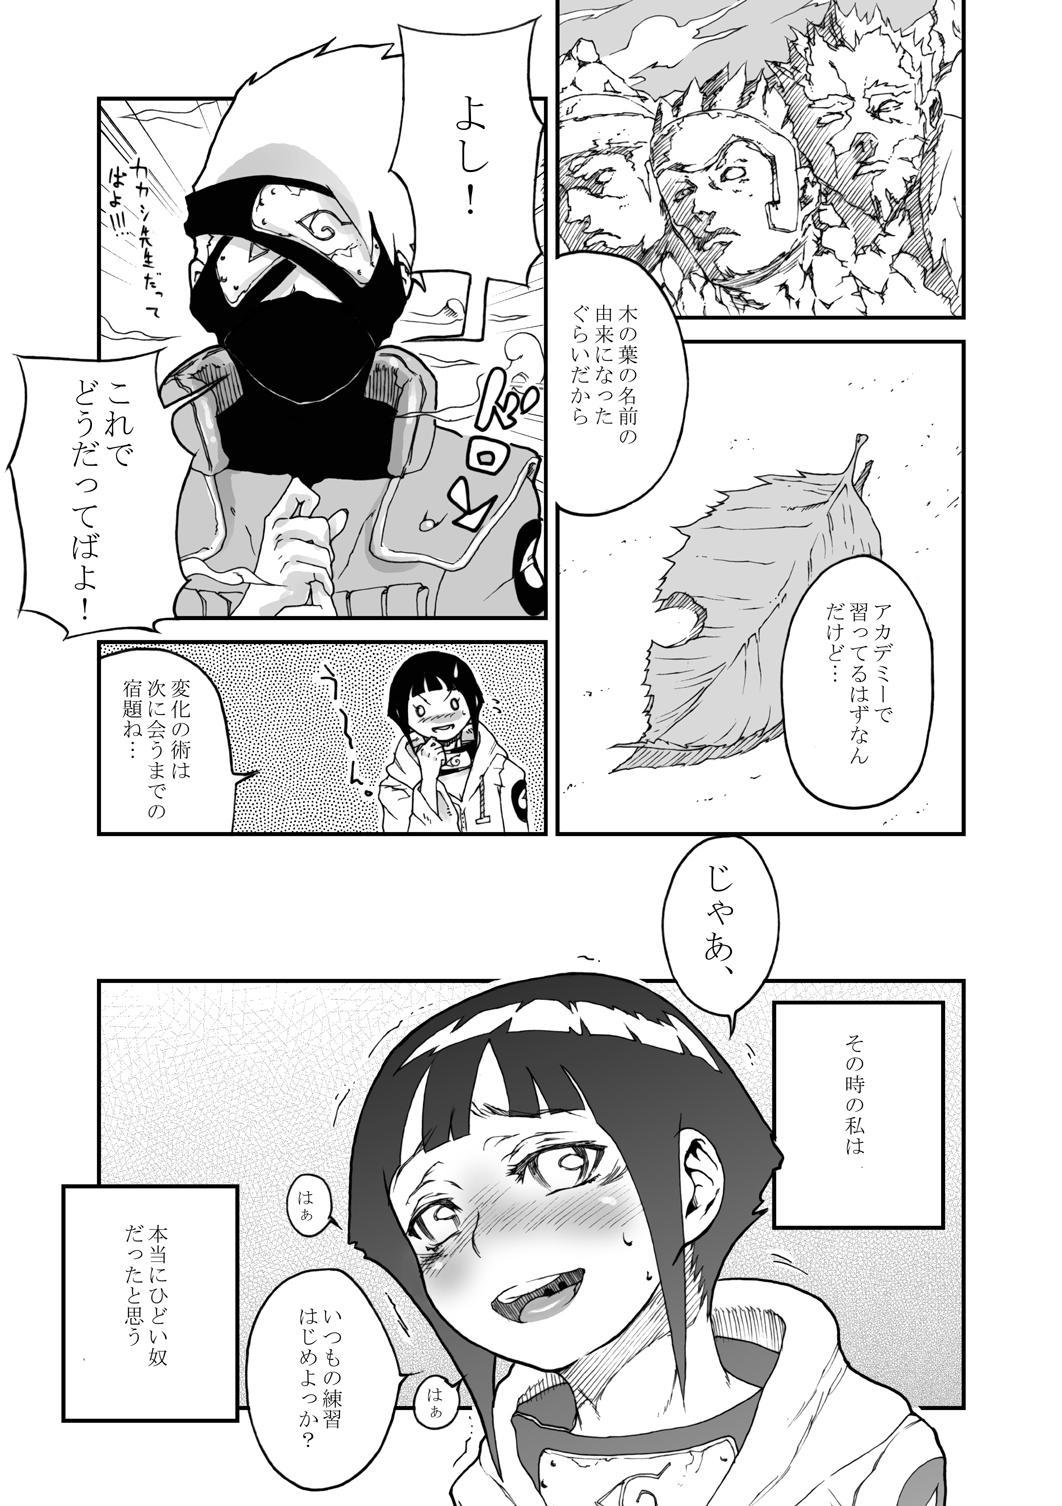 Konoha no Omajinai 7